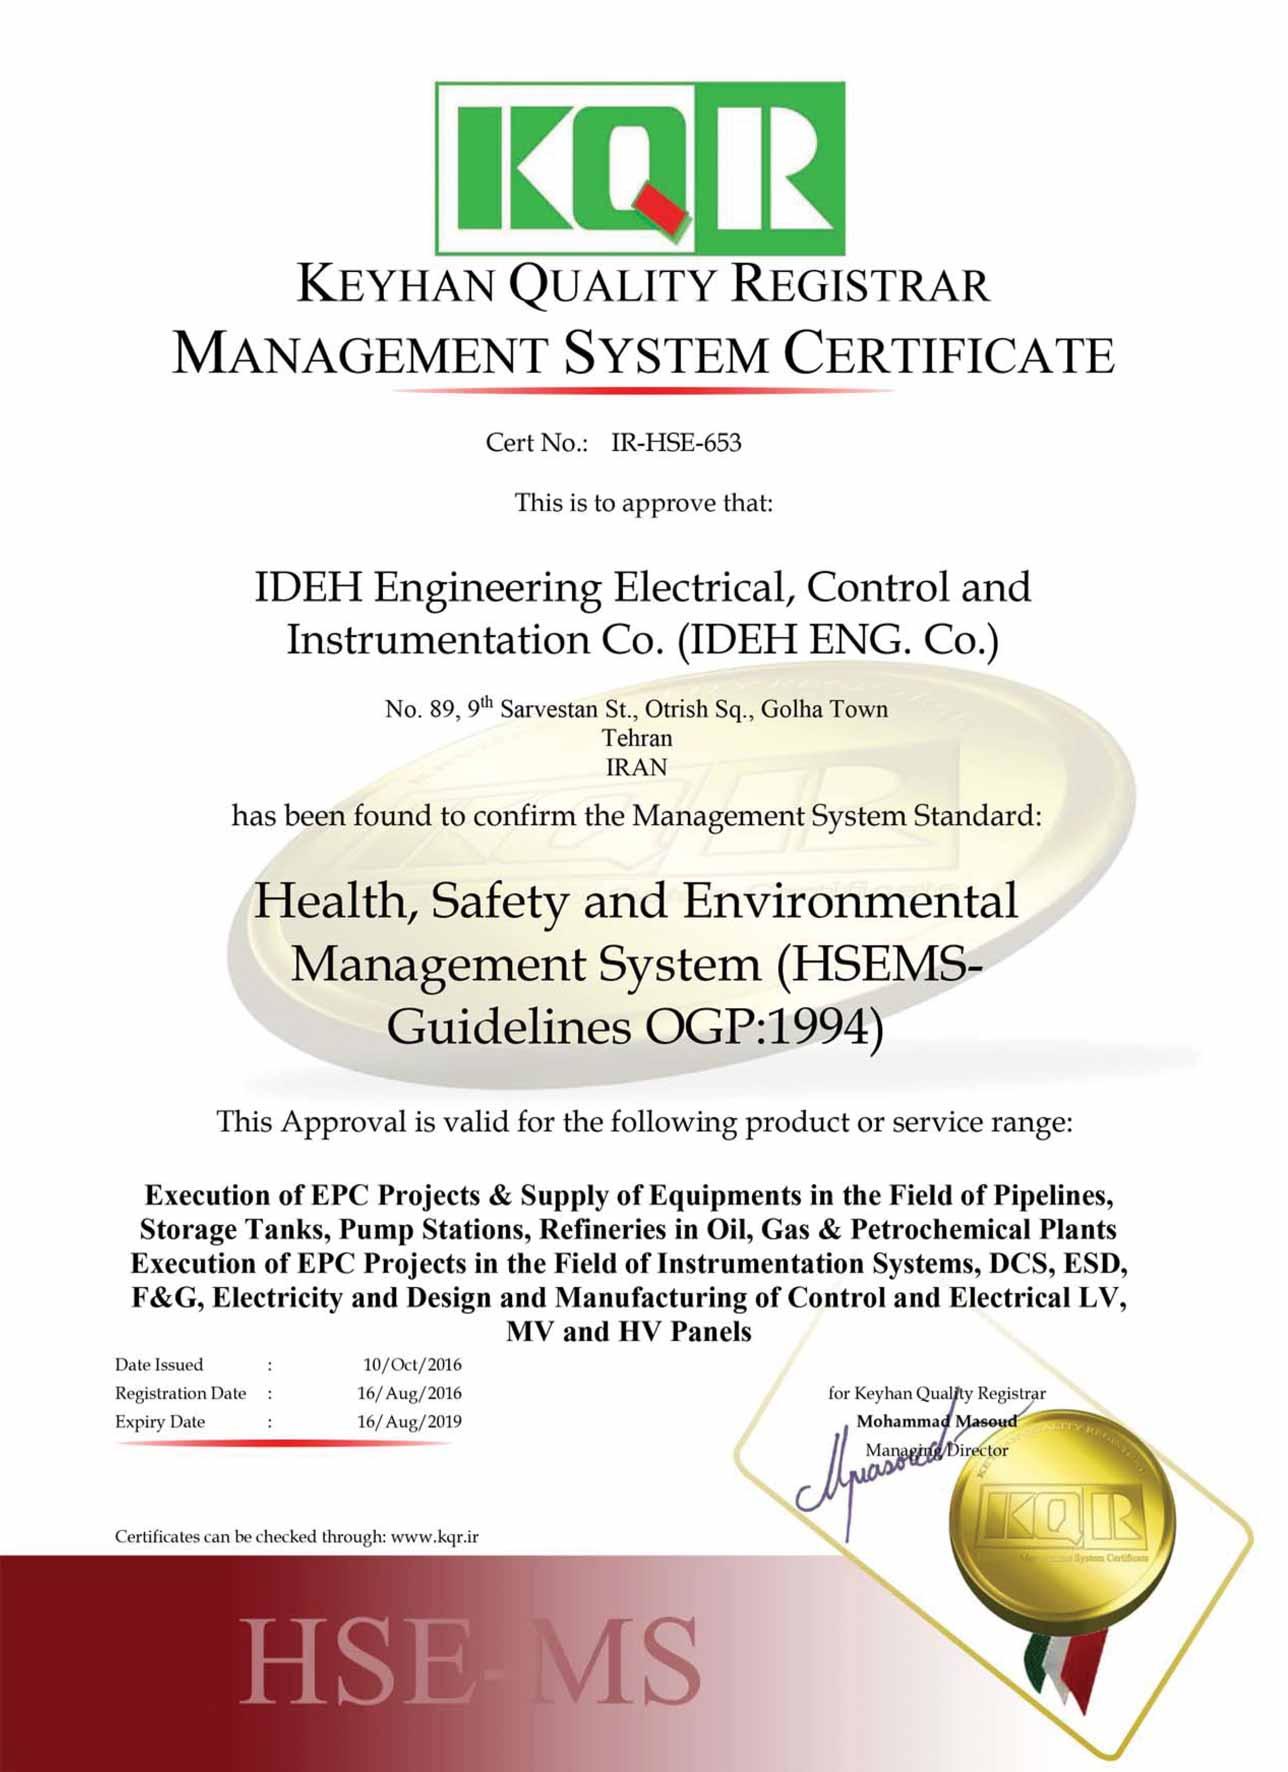 گواهینامه HSE شرکت ایده (ص2)